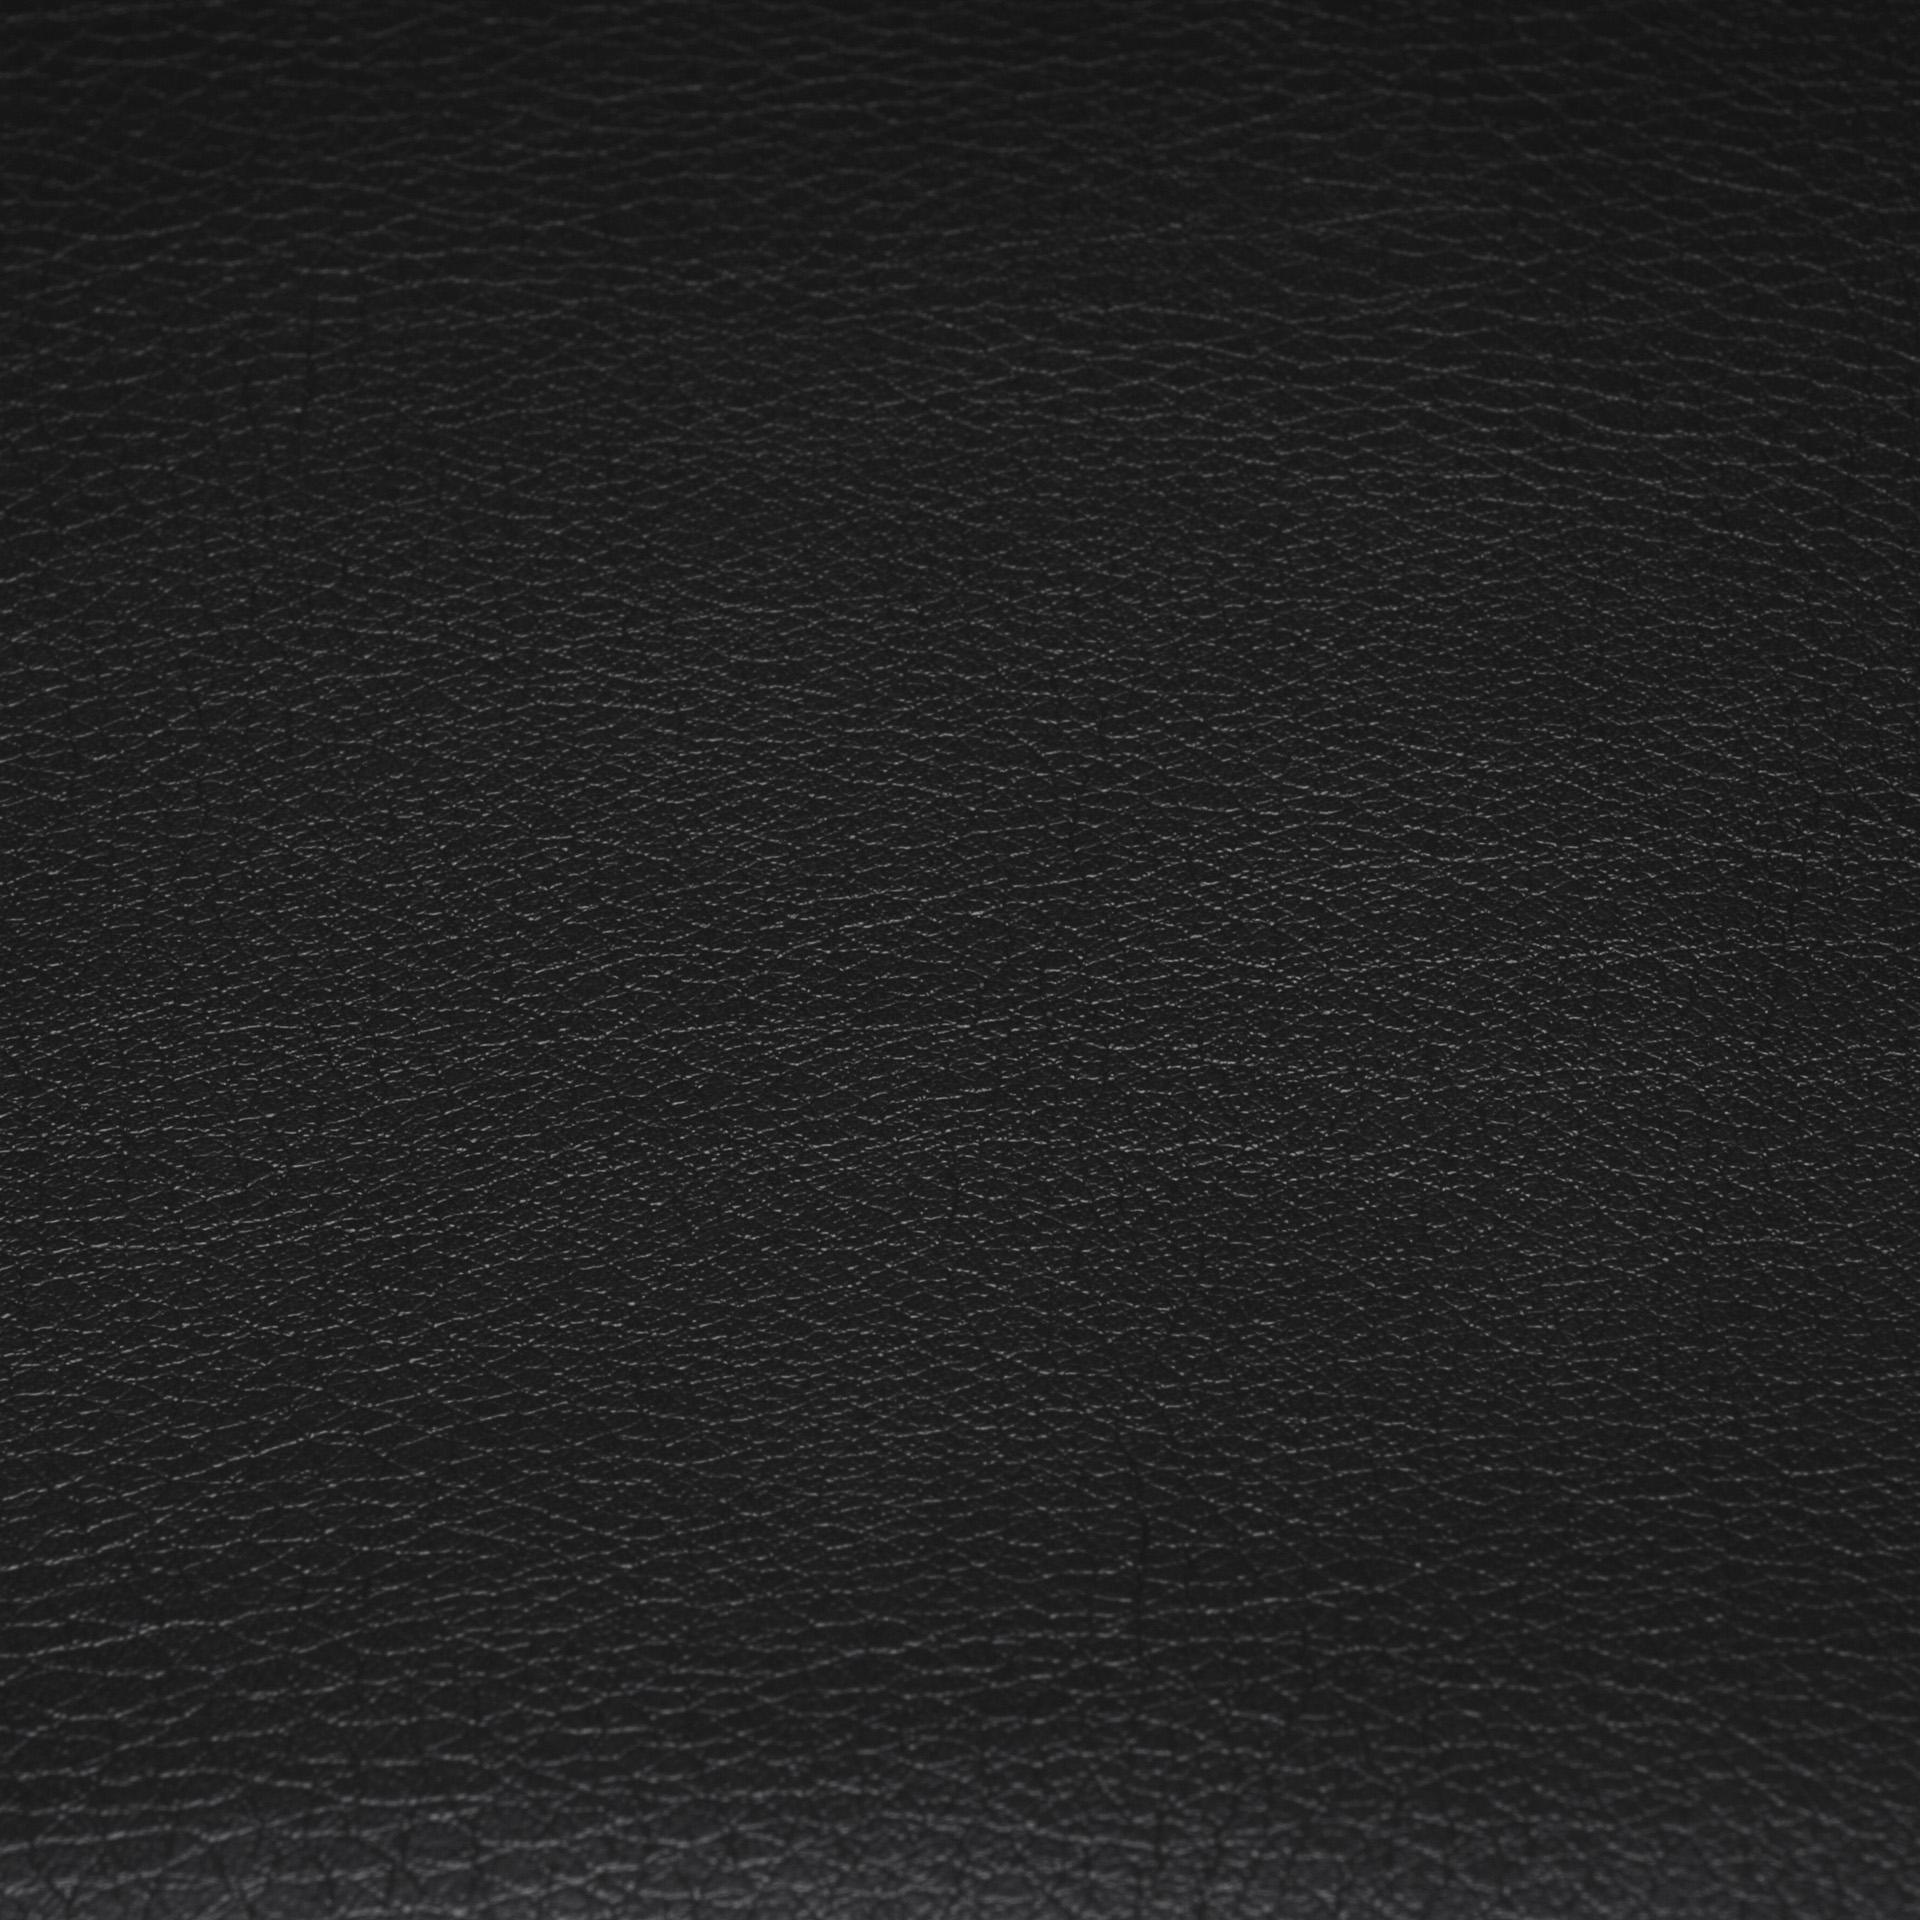 Коллекция ткани Софитель 02 Midnight,  купить ткань Кож зам для мебели Украина